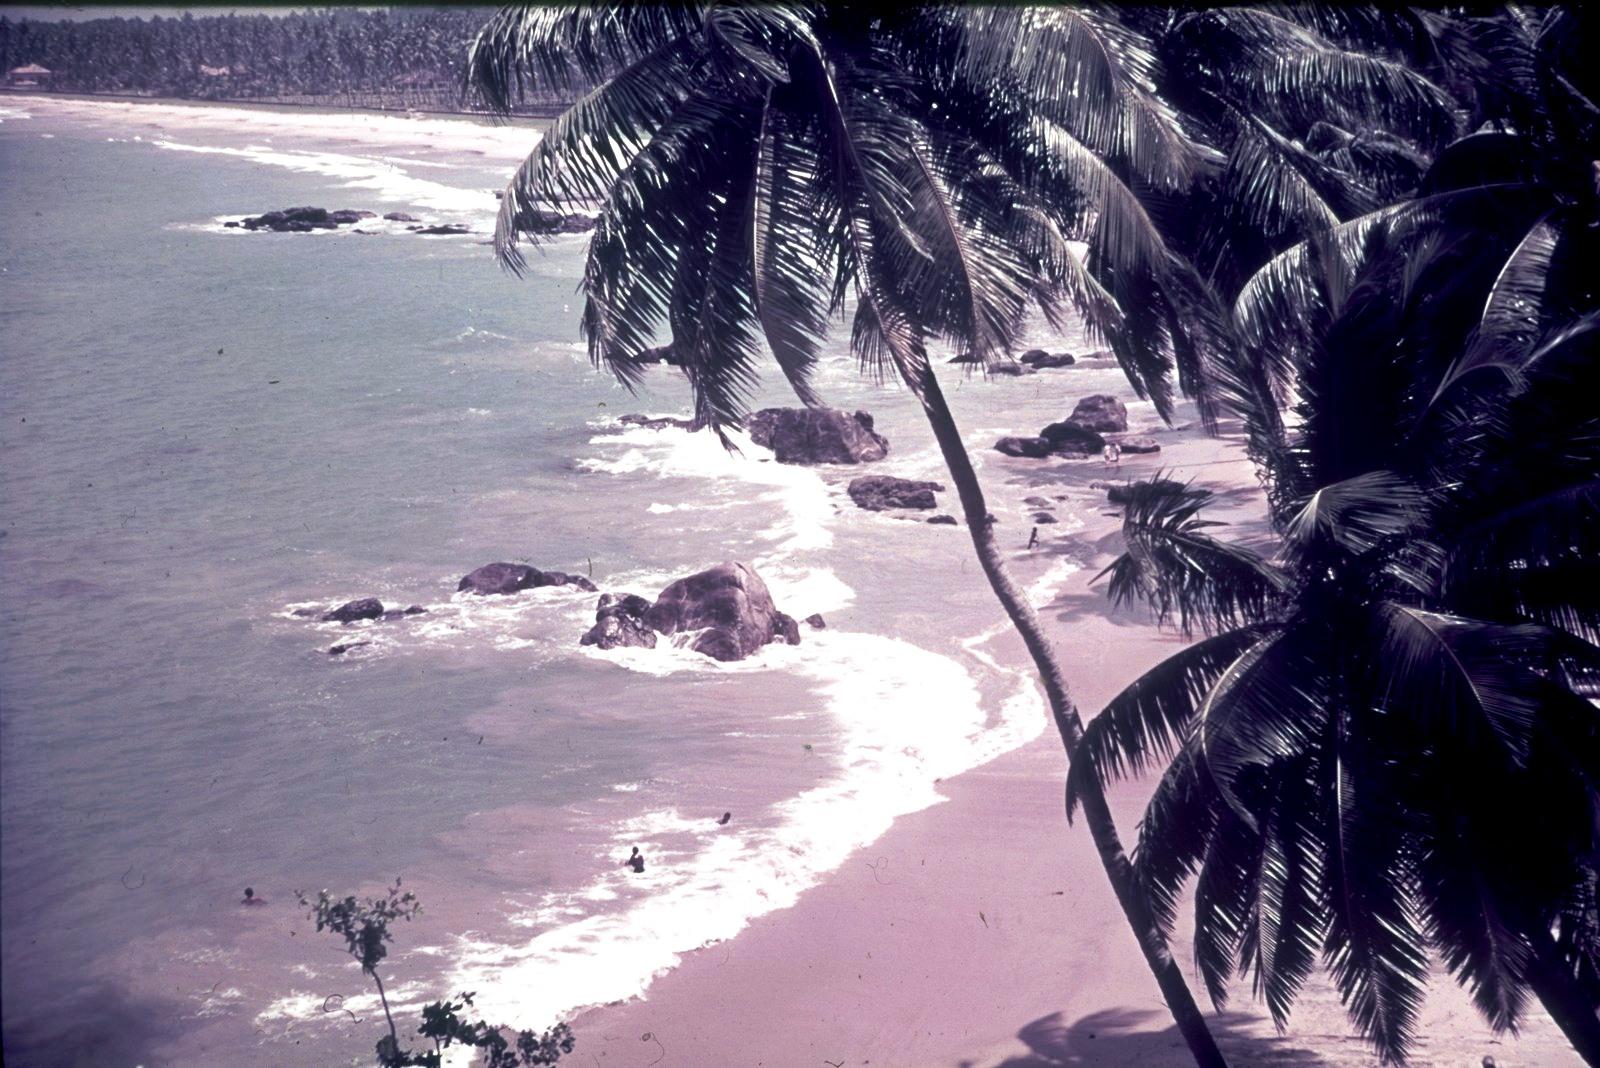 Гаити. Пляж с валунами  и пальмами